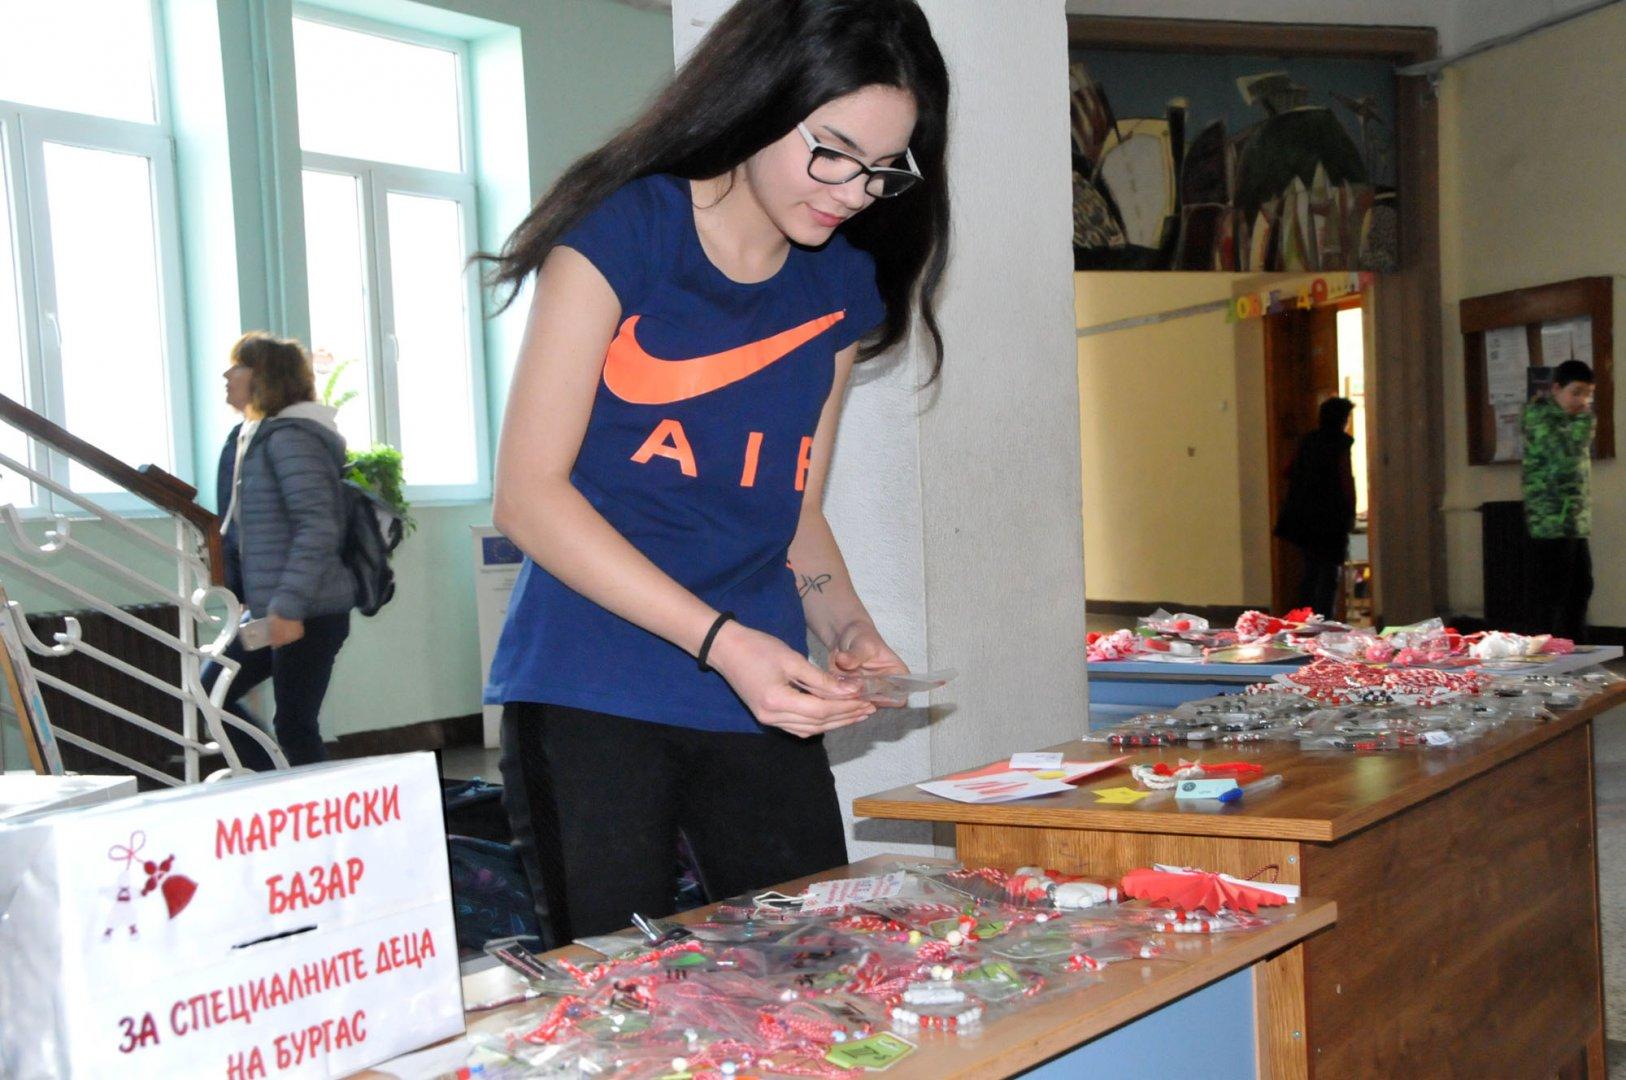 Мартениците са изложени във фоайето на СУ Св. св. Кирил и Методий. Снимки Лина Главинова